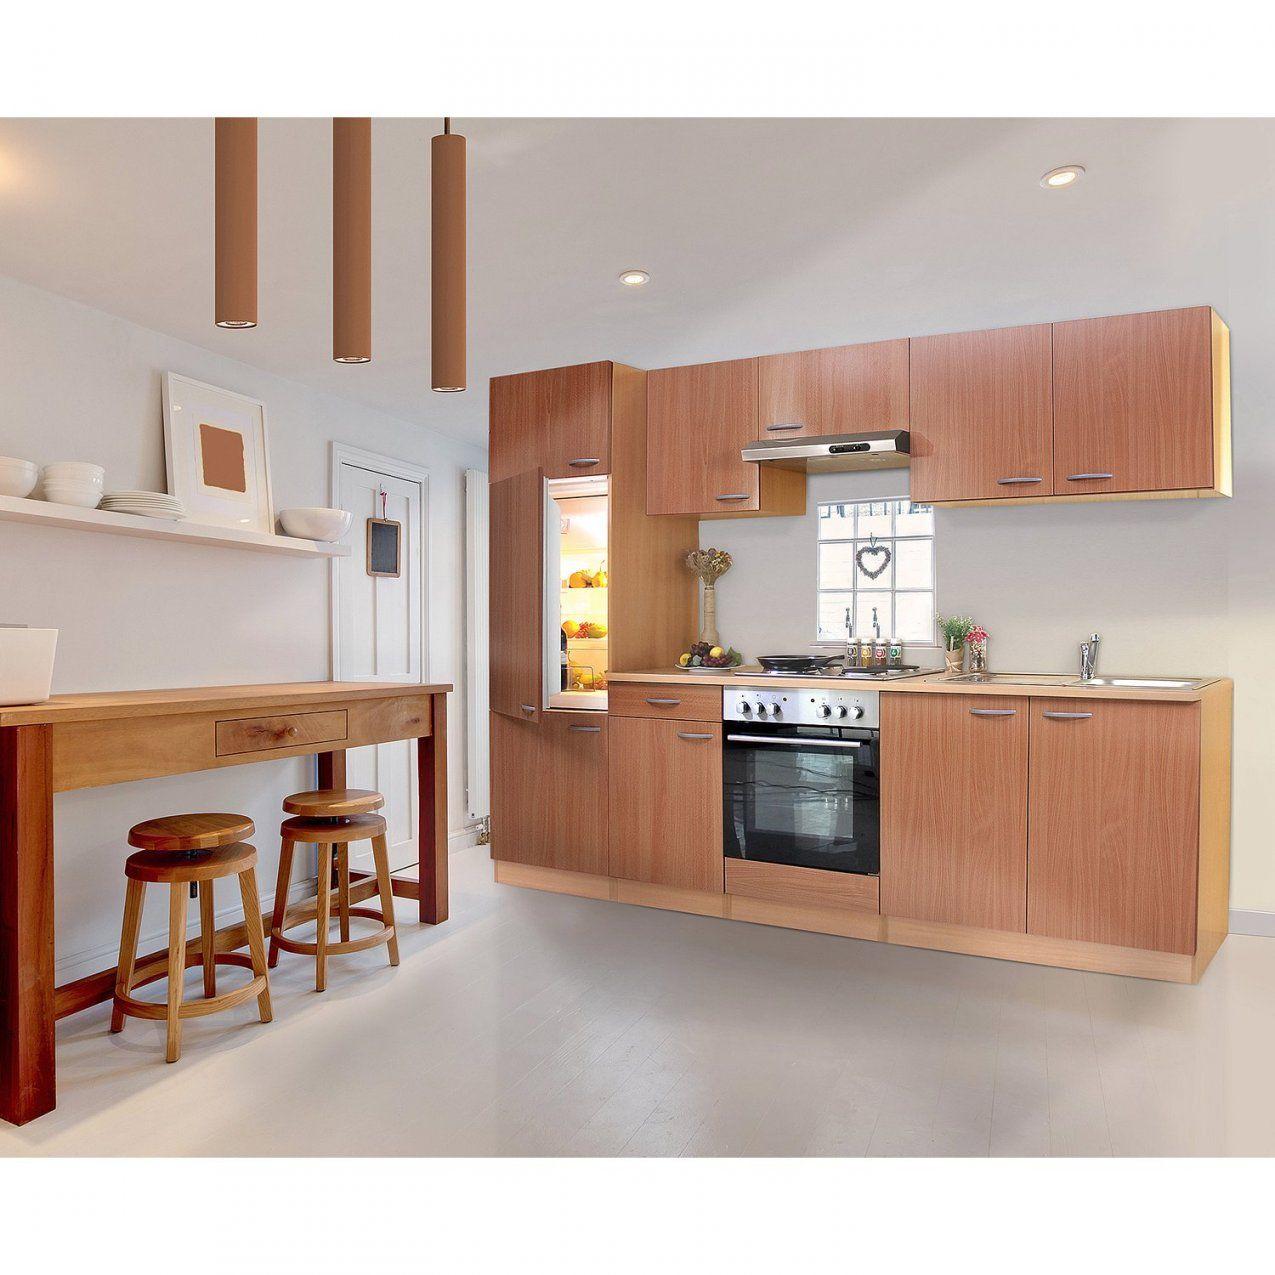 Ideen Küche Ohne Einbauküche   Ideen Kuche Ohne Einbaukuche 100 Wandpaneel Kuche Obi Bilder Ideen